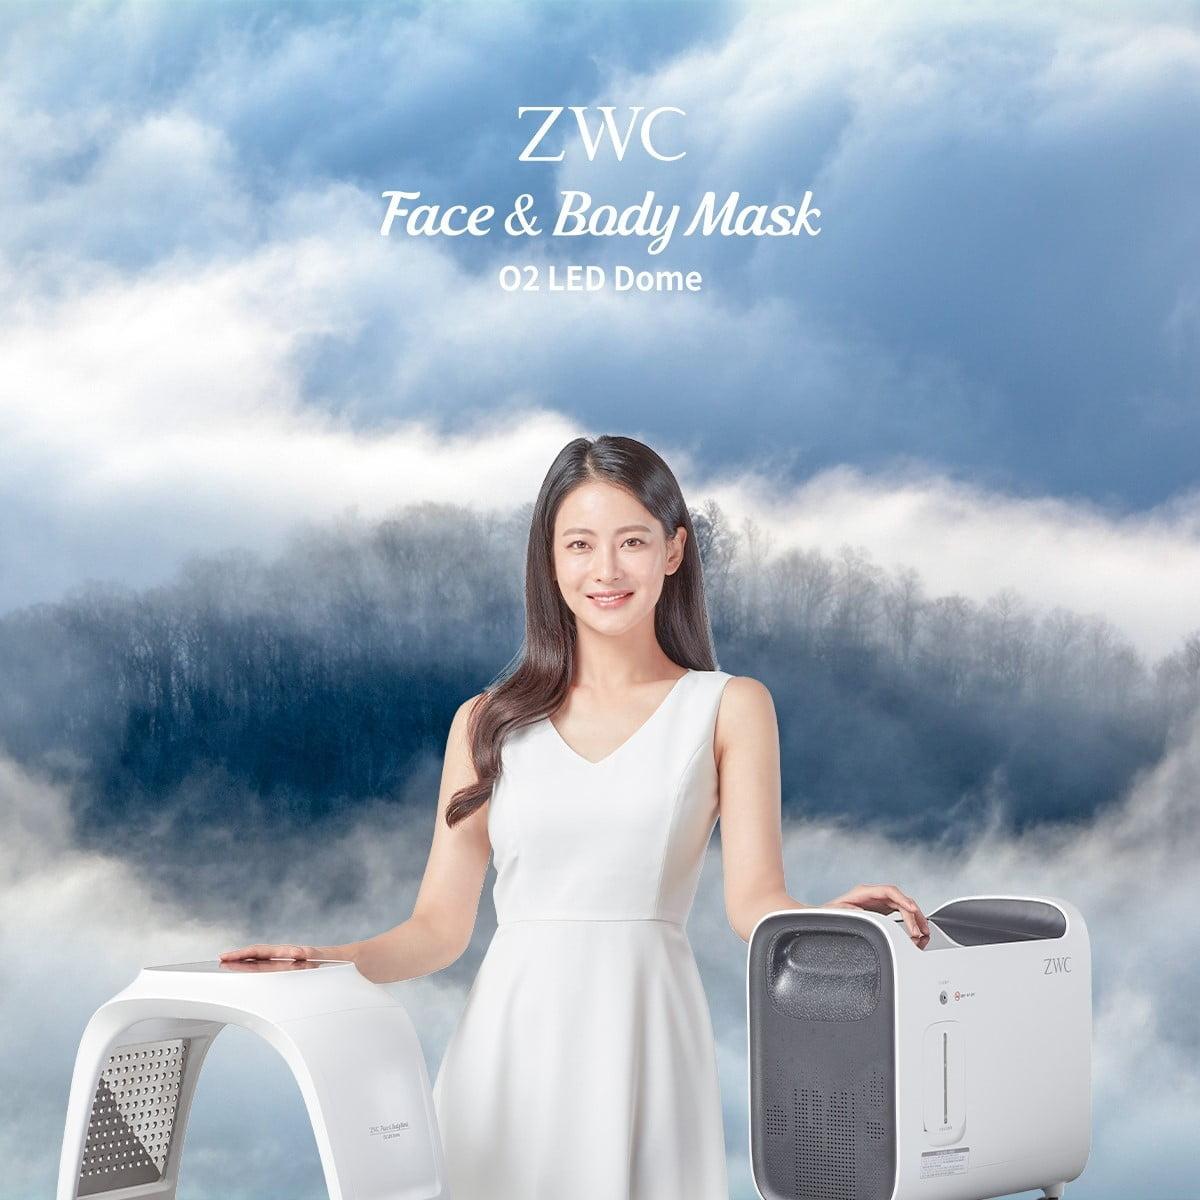 자이글 ZWC `페이스&바디 마스크(산소LED돔)`의 고농도 산소 케어, 삶의 질을 높이는 방안으로 주목